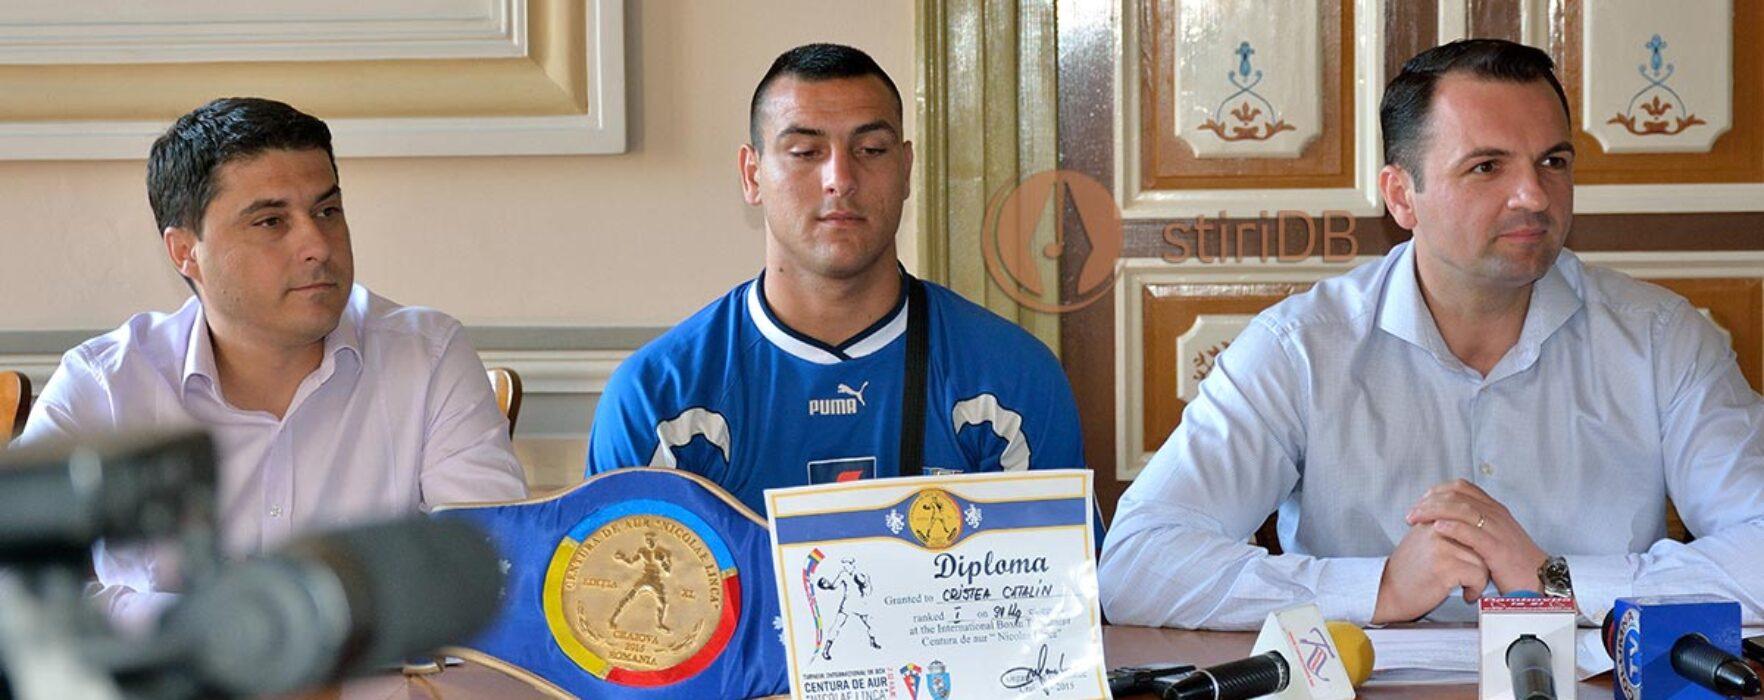 """Cătălin Cristea, câştigător al """"Centurii de aur"""", după ce s-a antrenat într-un vestiar de liceu din Târgovişte"""